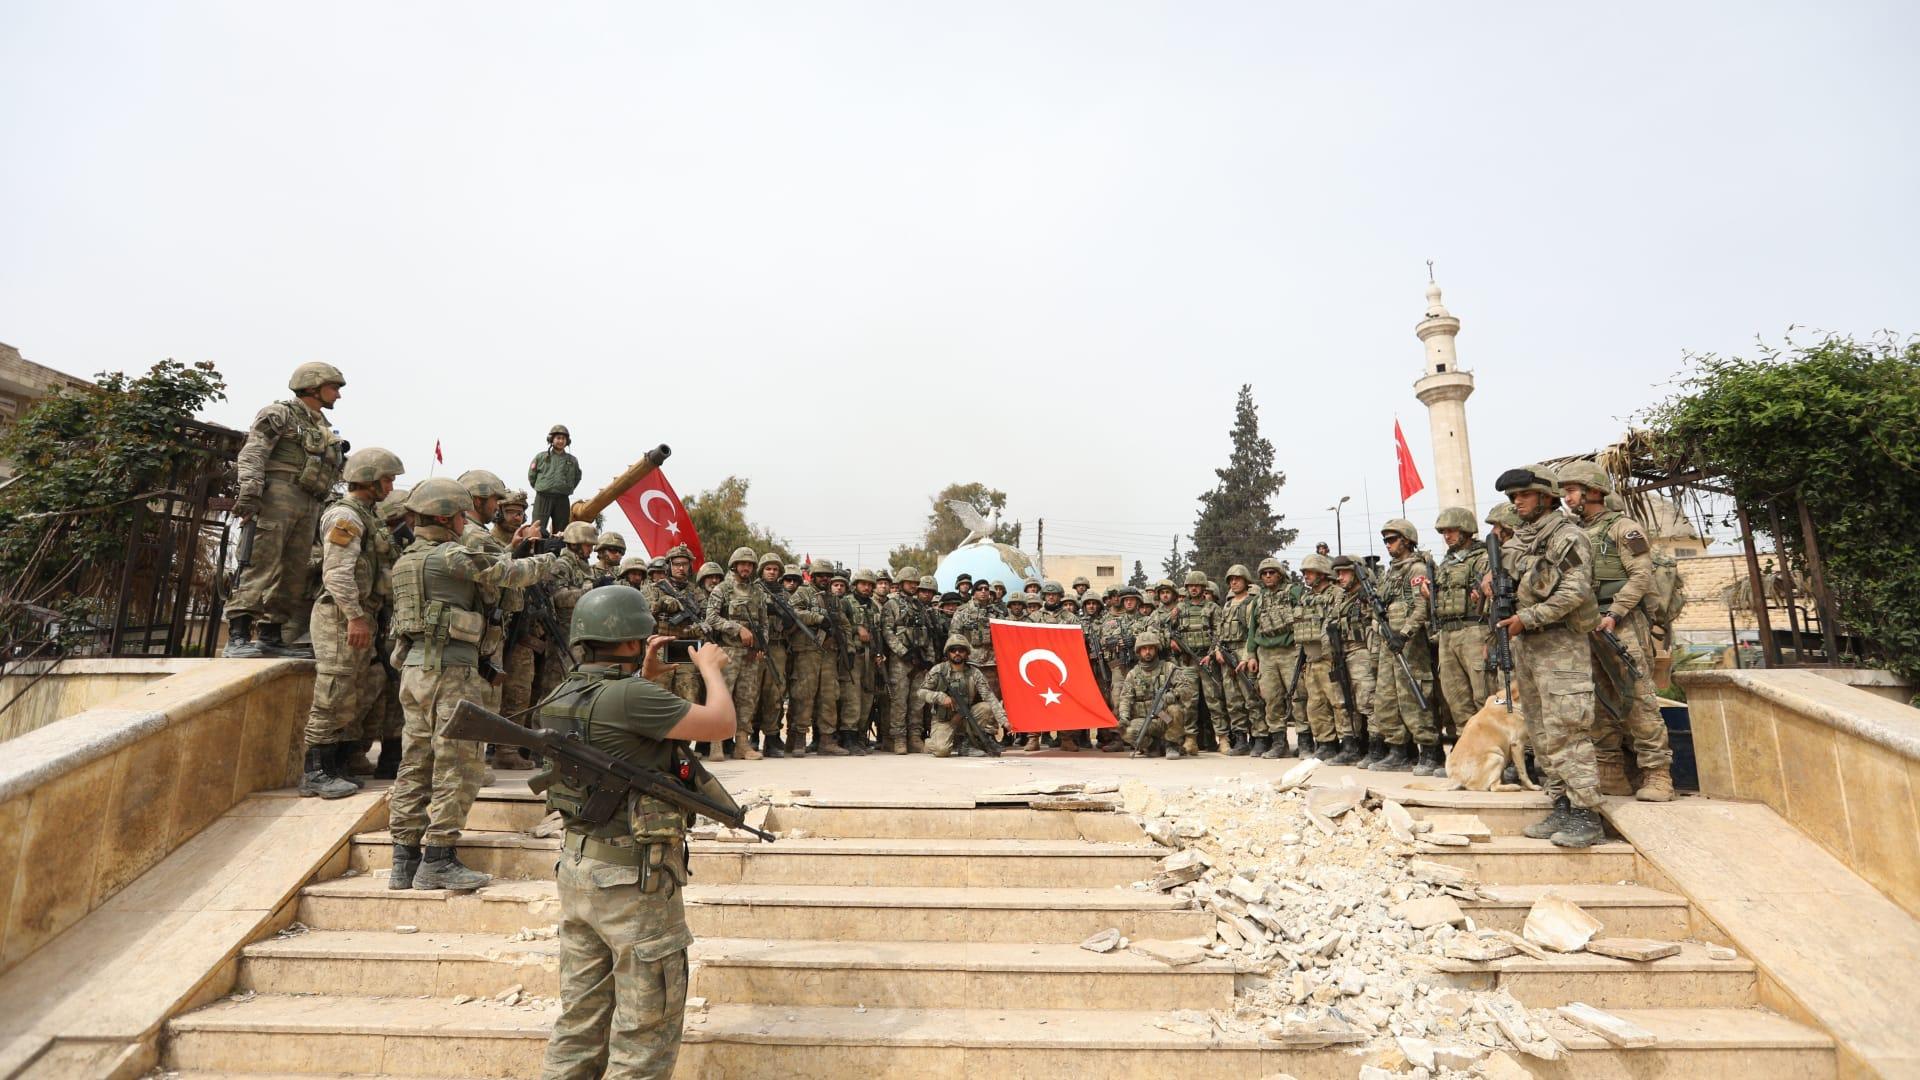 قوات تركيا تدخل عفرين.. والمآسي ما زالت مستمرة